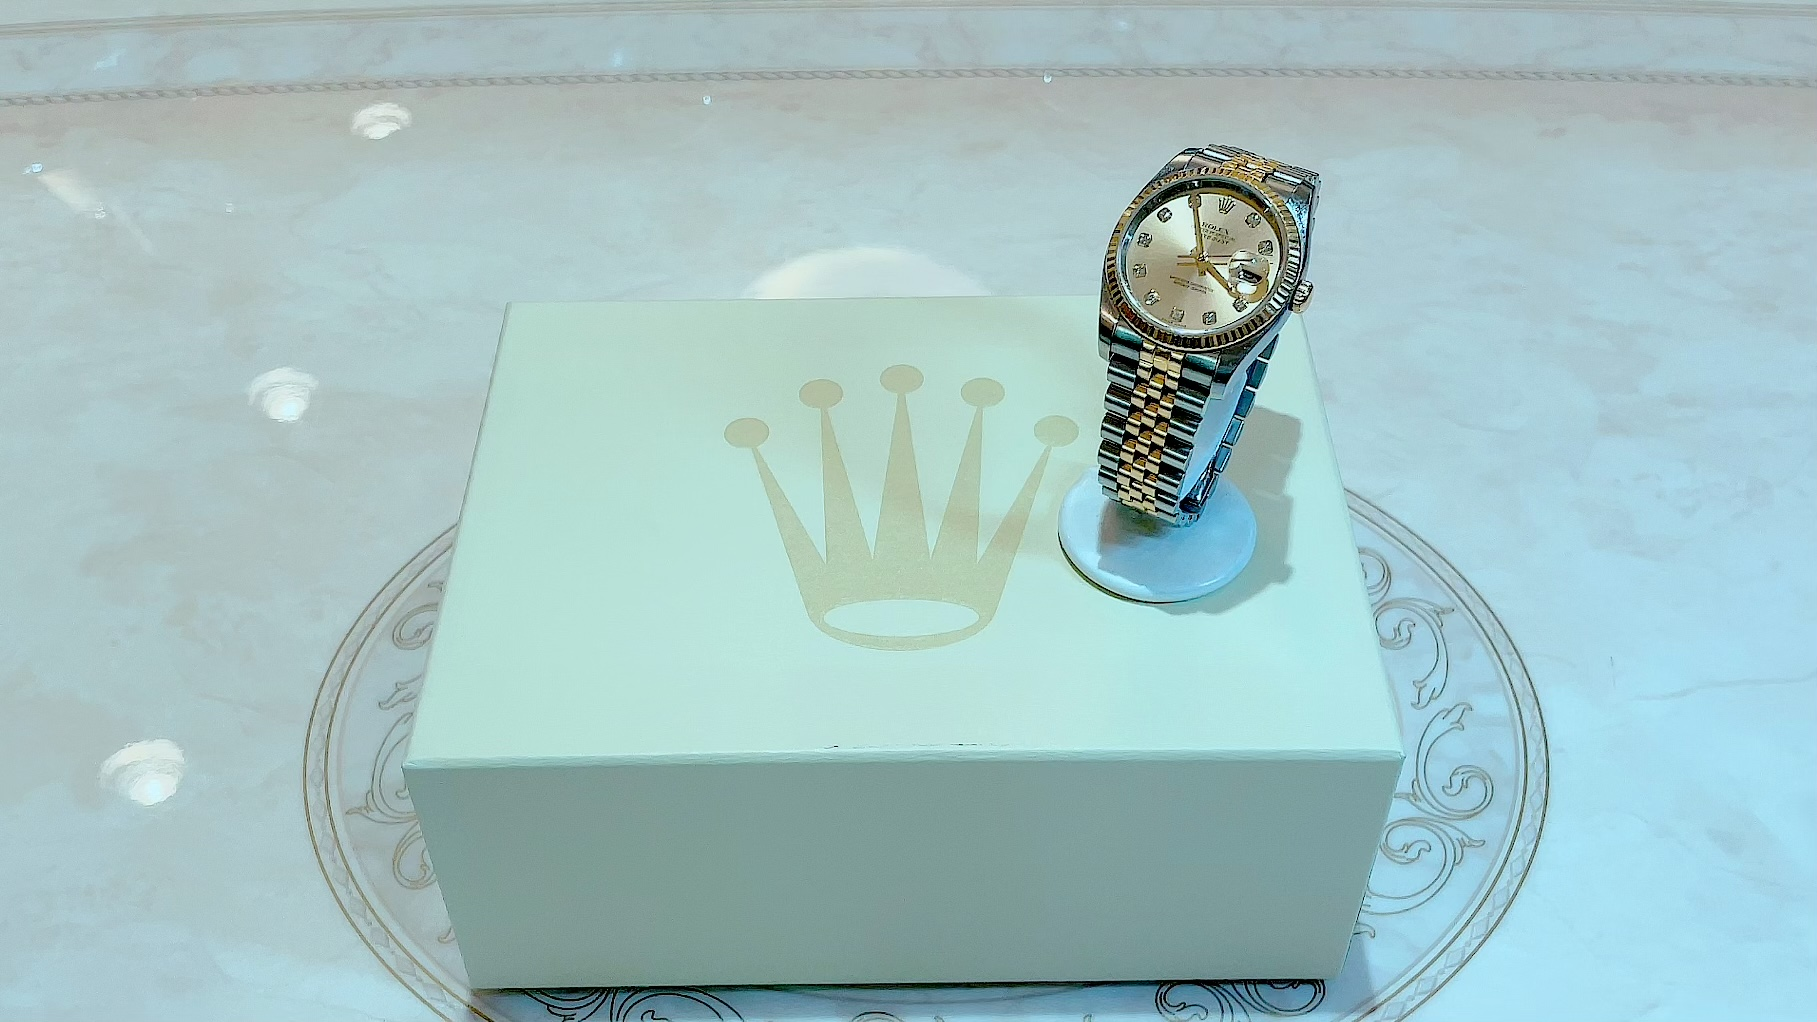 【買取速報】ダイヤモンド、腕時計、750、ステンレス、ROLEX-2021-09-05